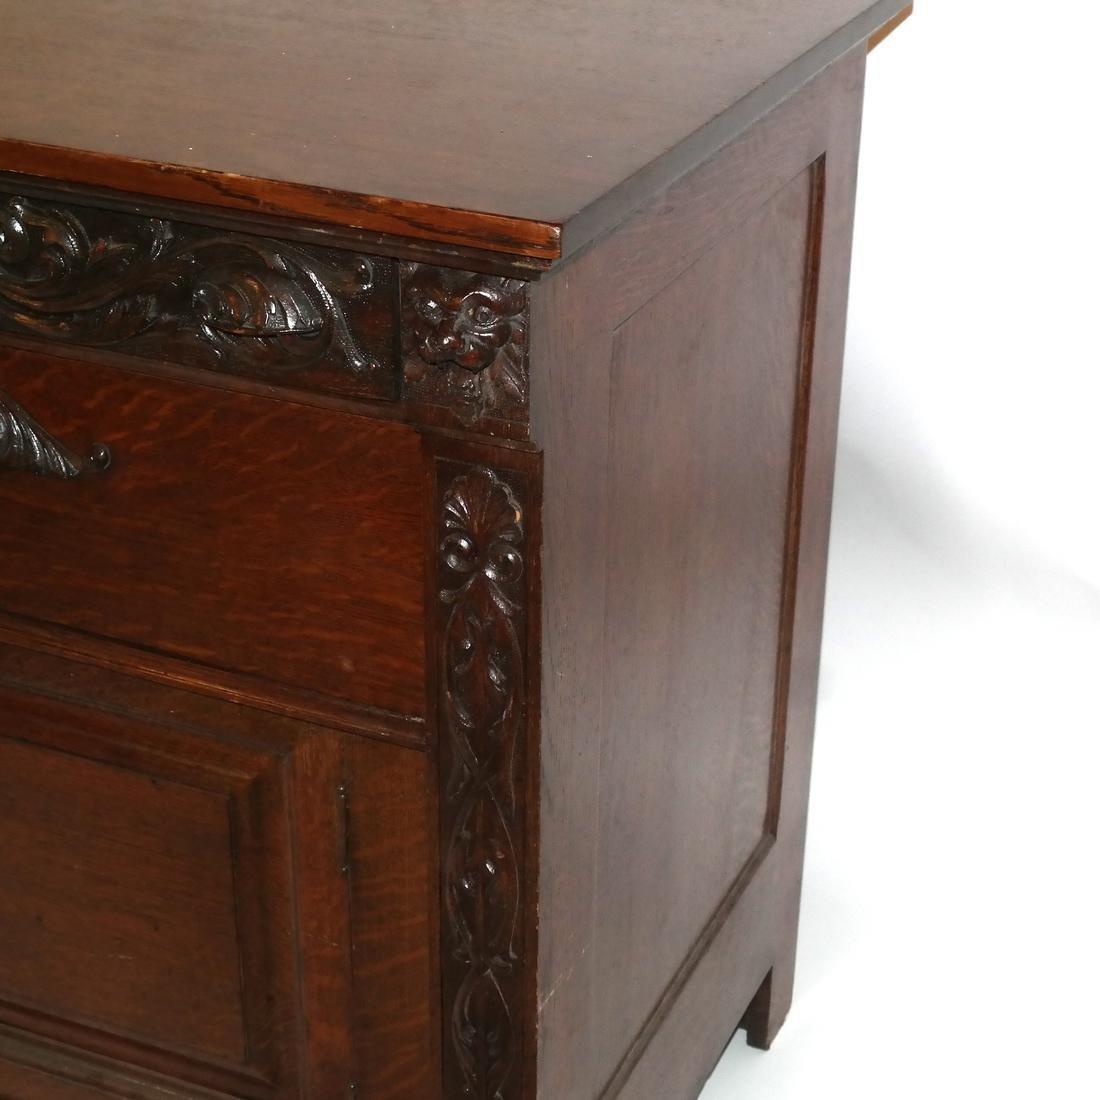 Antique Ornate Golden Oak Sideboard - 4